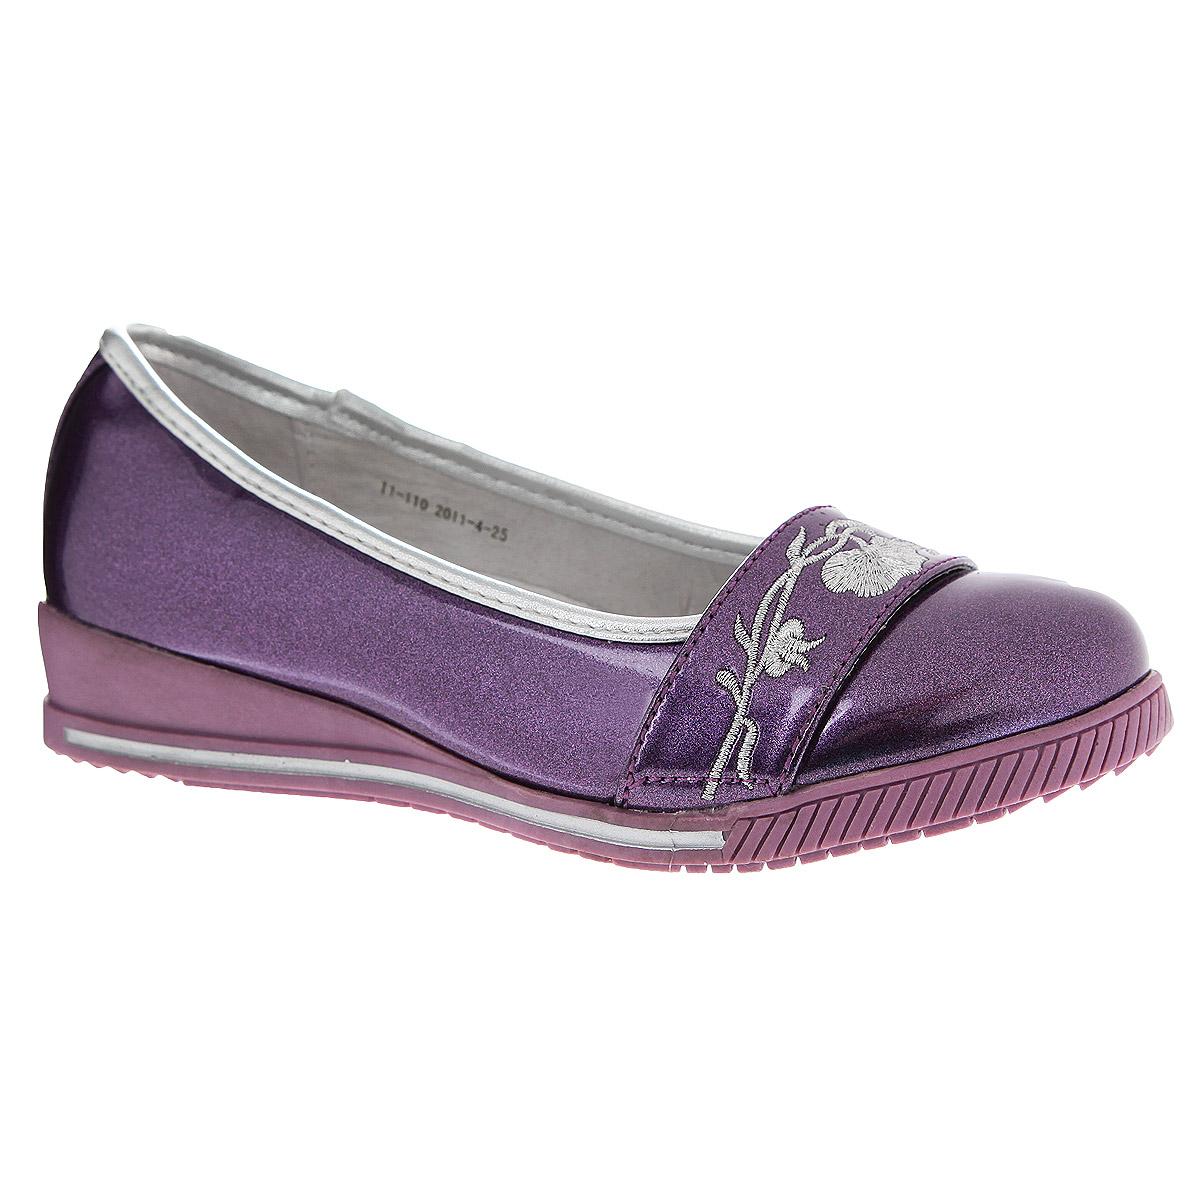 11-110Стильные туфли на устойчивой танкетке займут достойное место в гардеробе вашей дочери. Модель выполнена из высококачественной искусственной лакированной кожи. Мыс оформлен вышивкой, отстроченной серебряной нитью. Стелька из натуральной кожи дополнена супинатором с перфорацией, который обеспечивает правильное положение ноги ребенка при ходьбе, предотвращает плоскостопие. Рифленая поверхность подошвы защищает изделие от скольжения. Эти туфли созданы для стильных юных модниц!